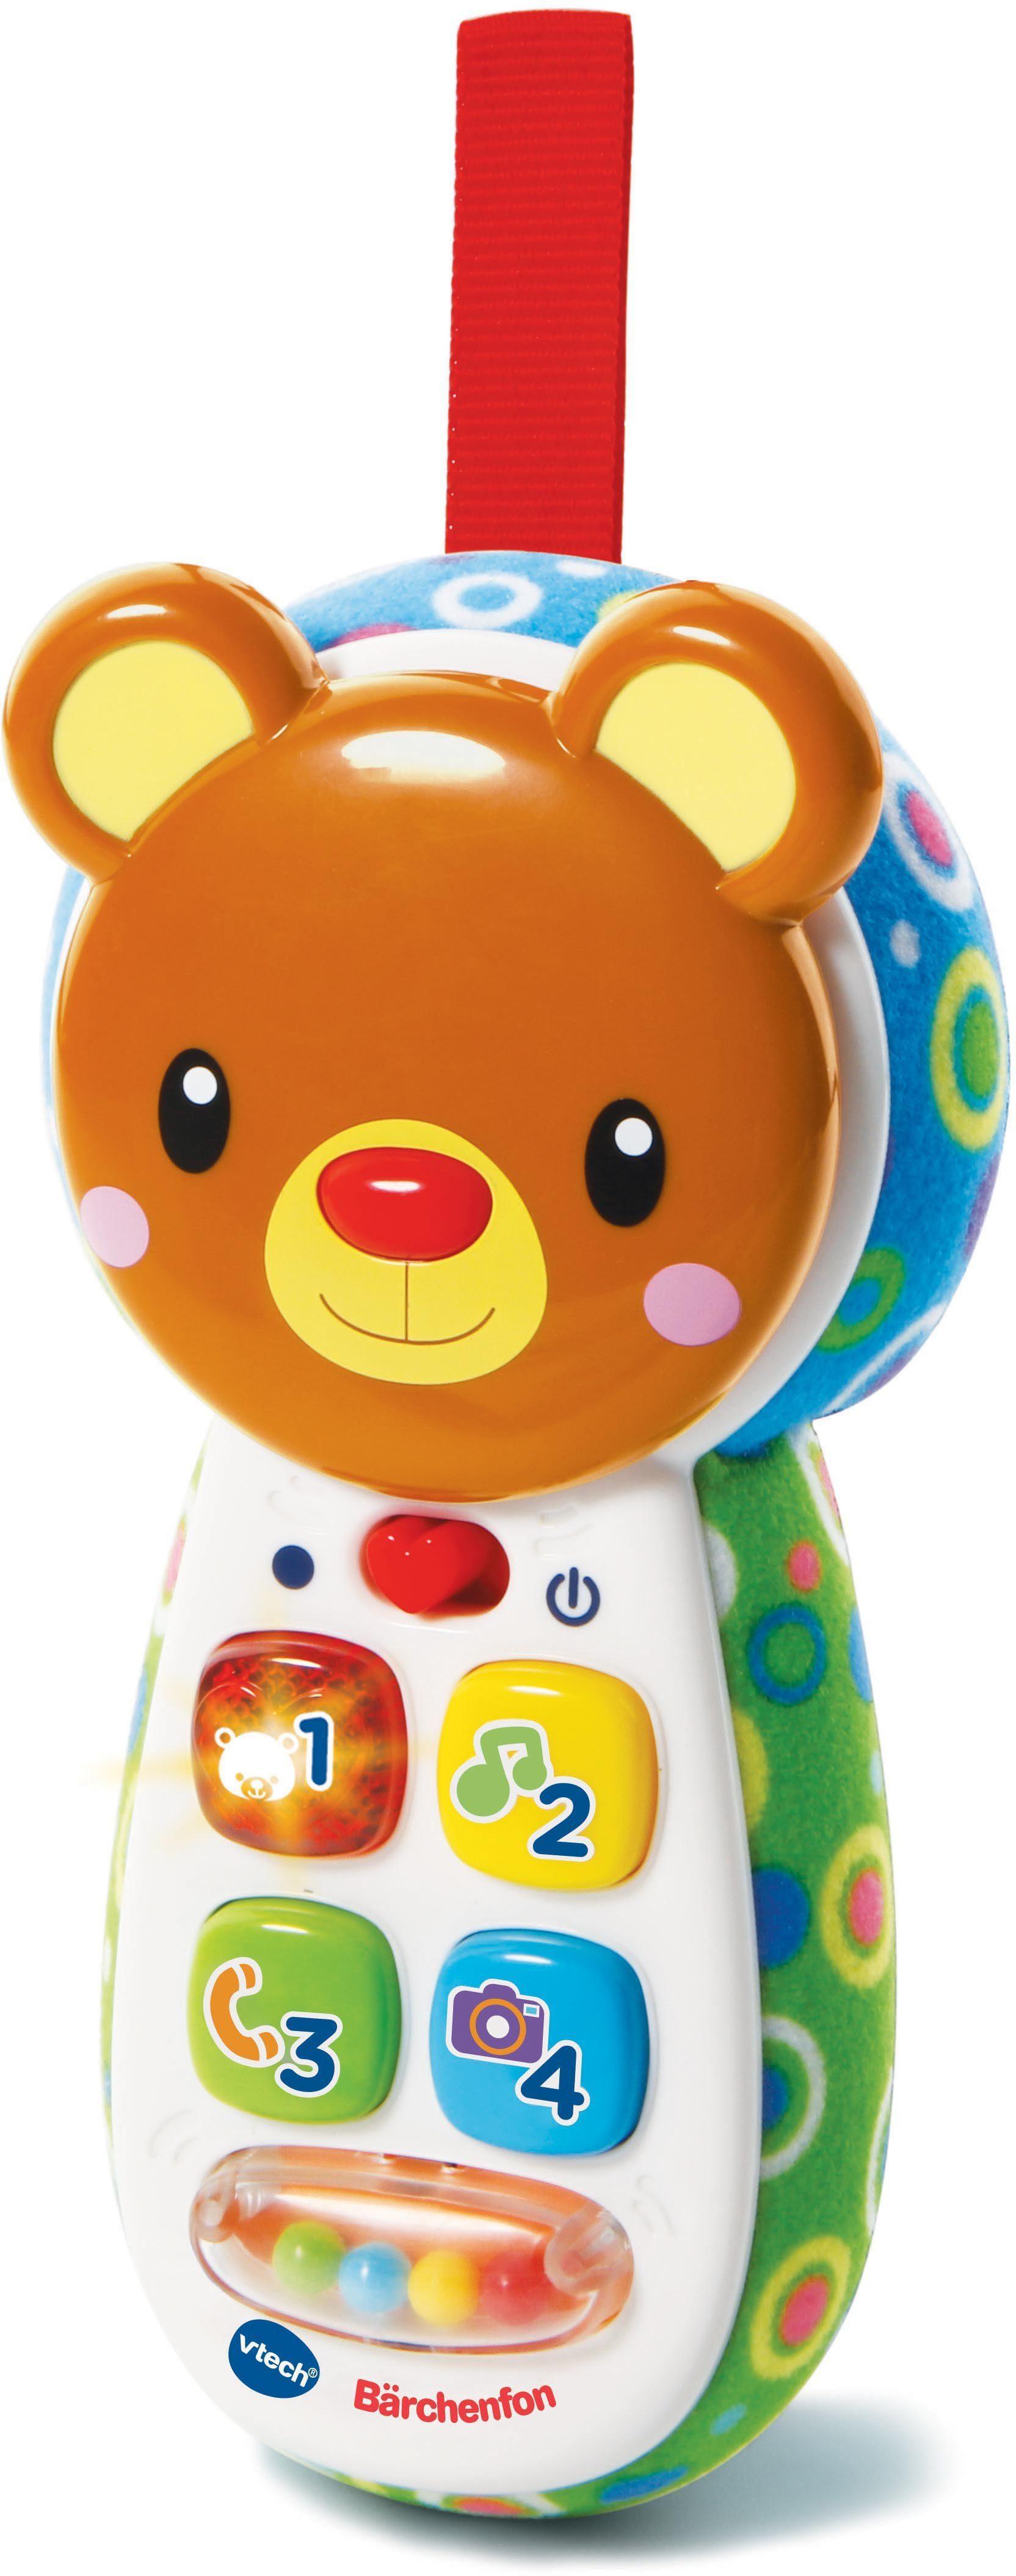 VTech Lernspielzeug mit Sound, »VTech Baby Bärchenfon blau/grün«